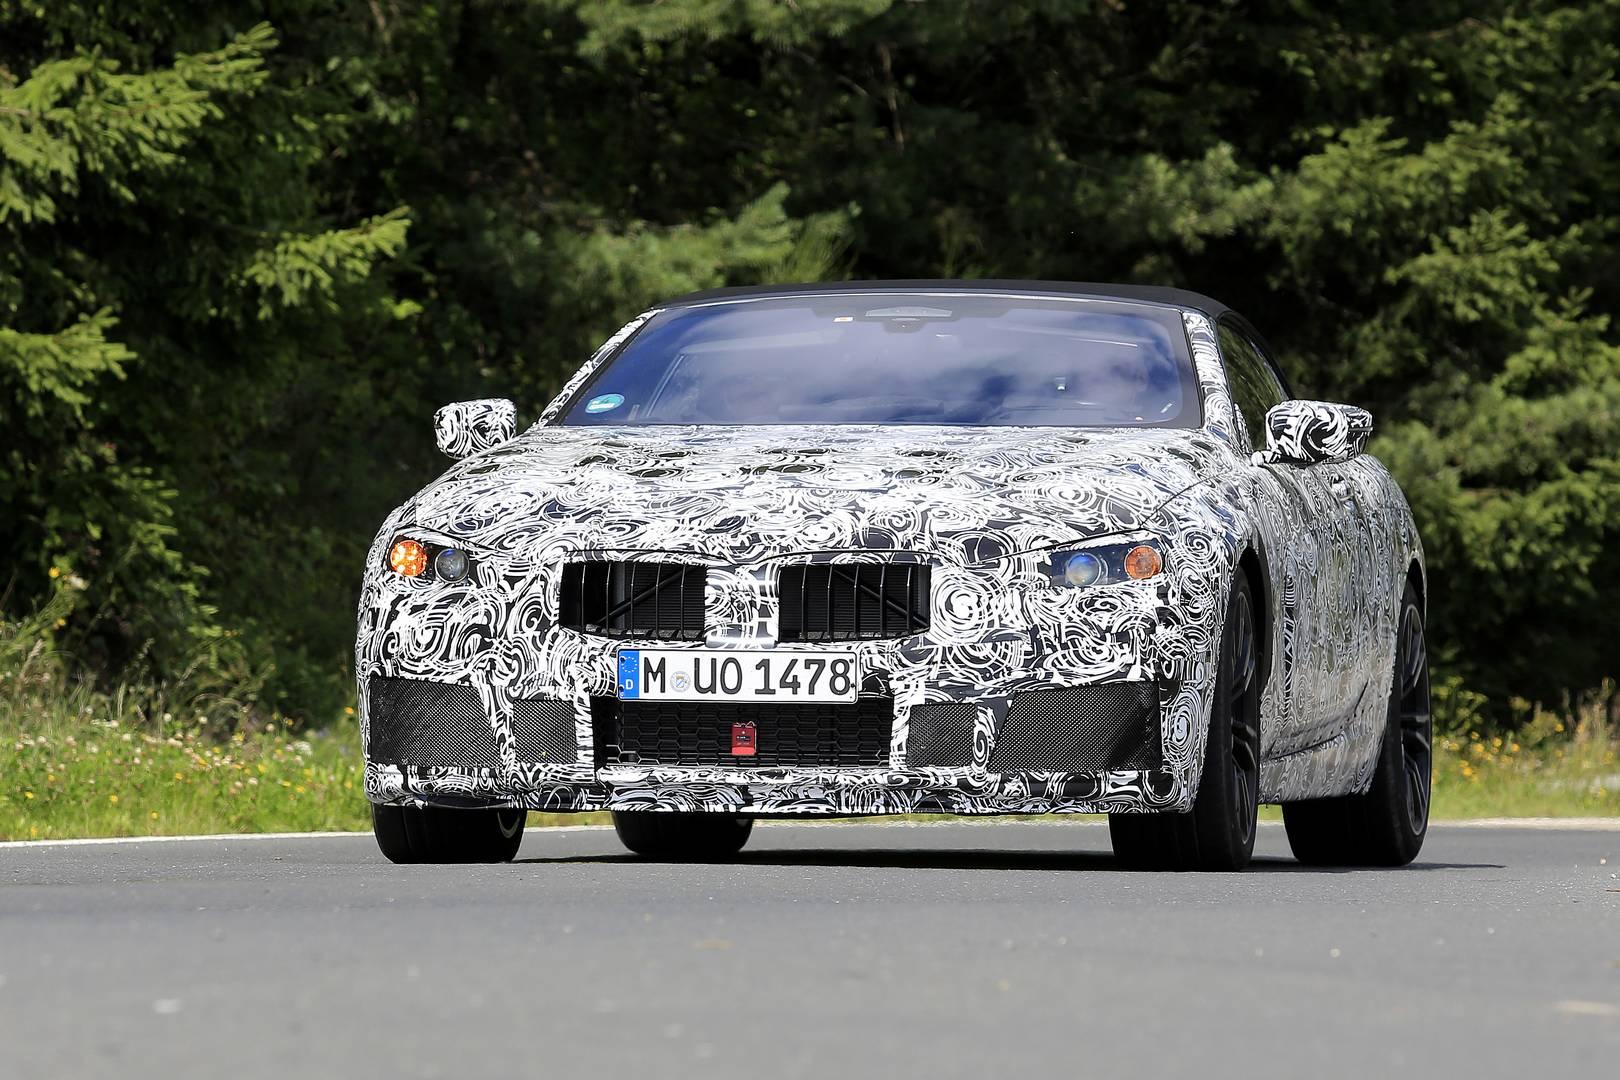 Если вы не можете дождаться, когда же увидите BMW 8 Series в действии, можете быть спокойны - недавно BMW заявил, что гоночная версия BMW M8 GTE дебютирует в следующем году. Ожидайте увидеть его на 24 часах Дайтоны в конце января 2018 года!